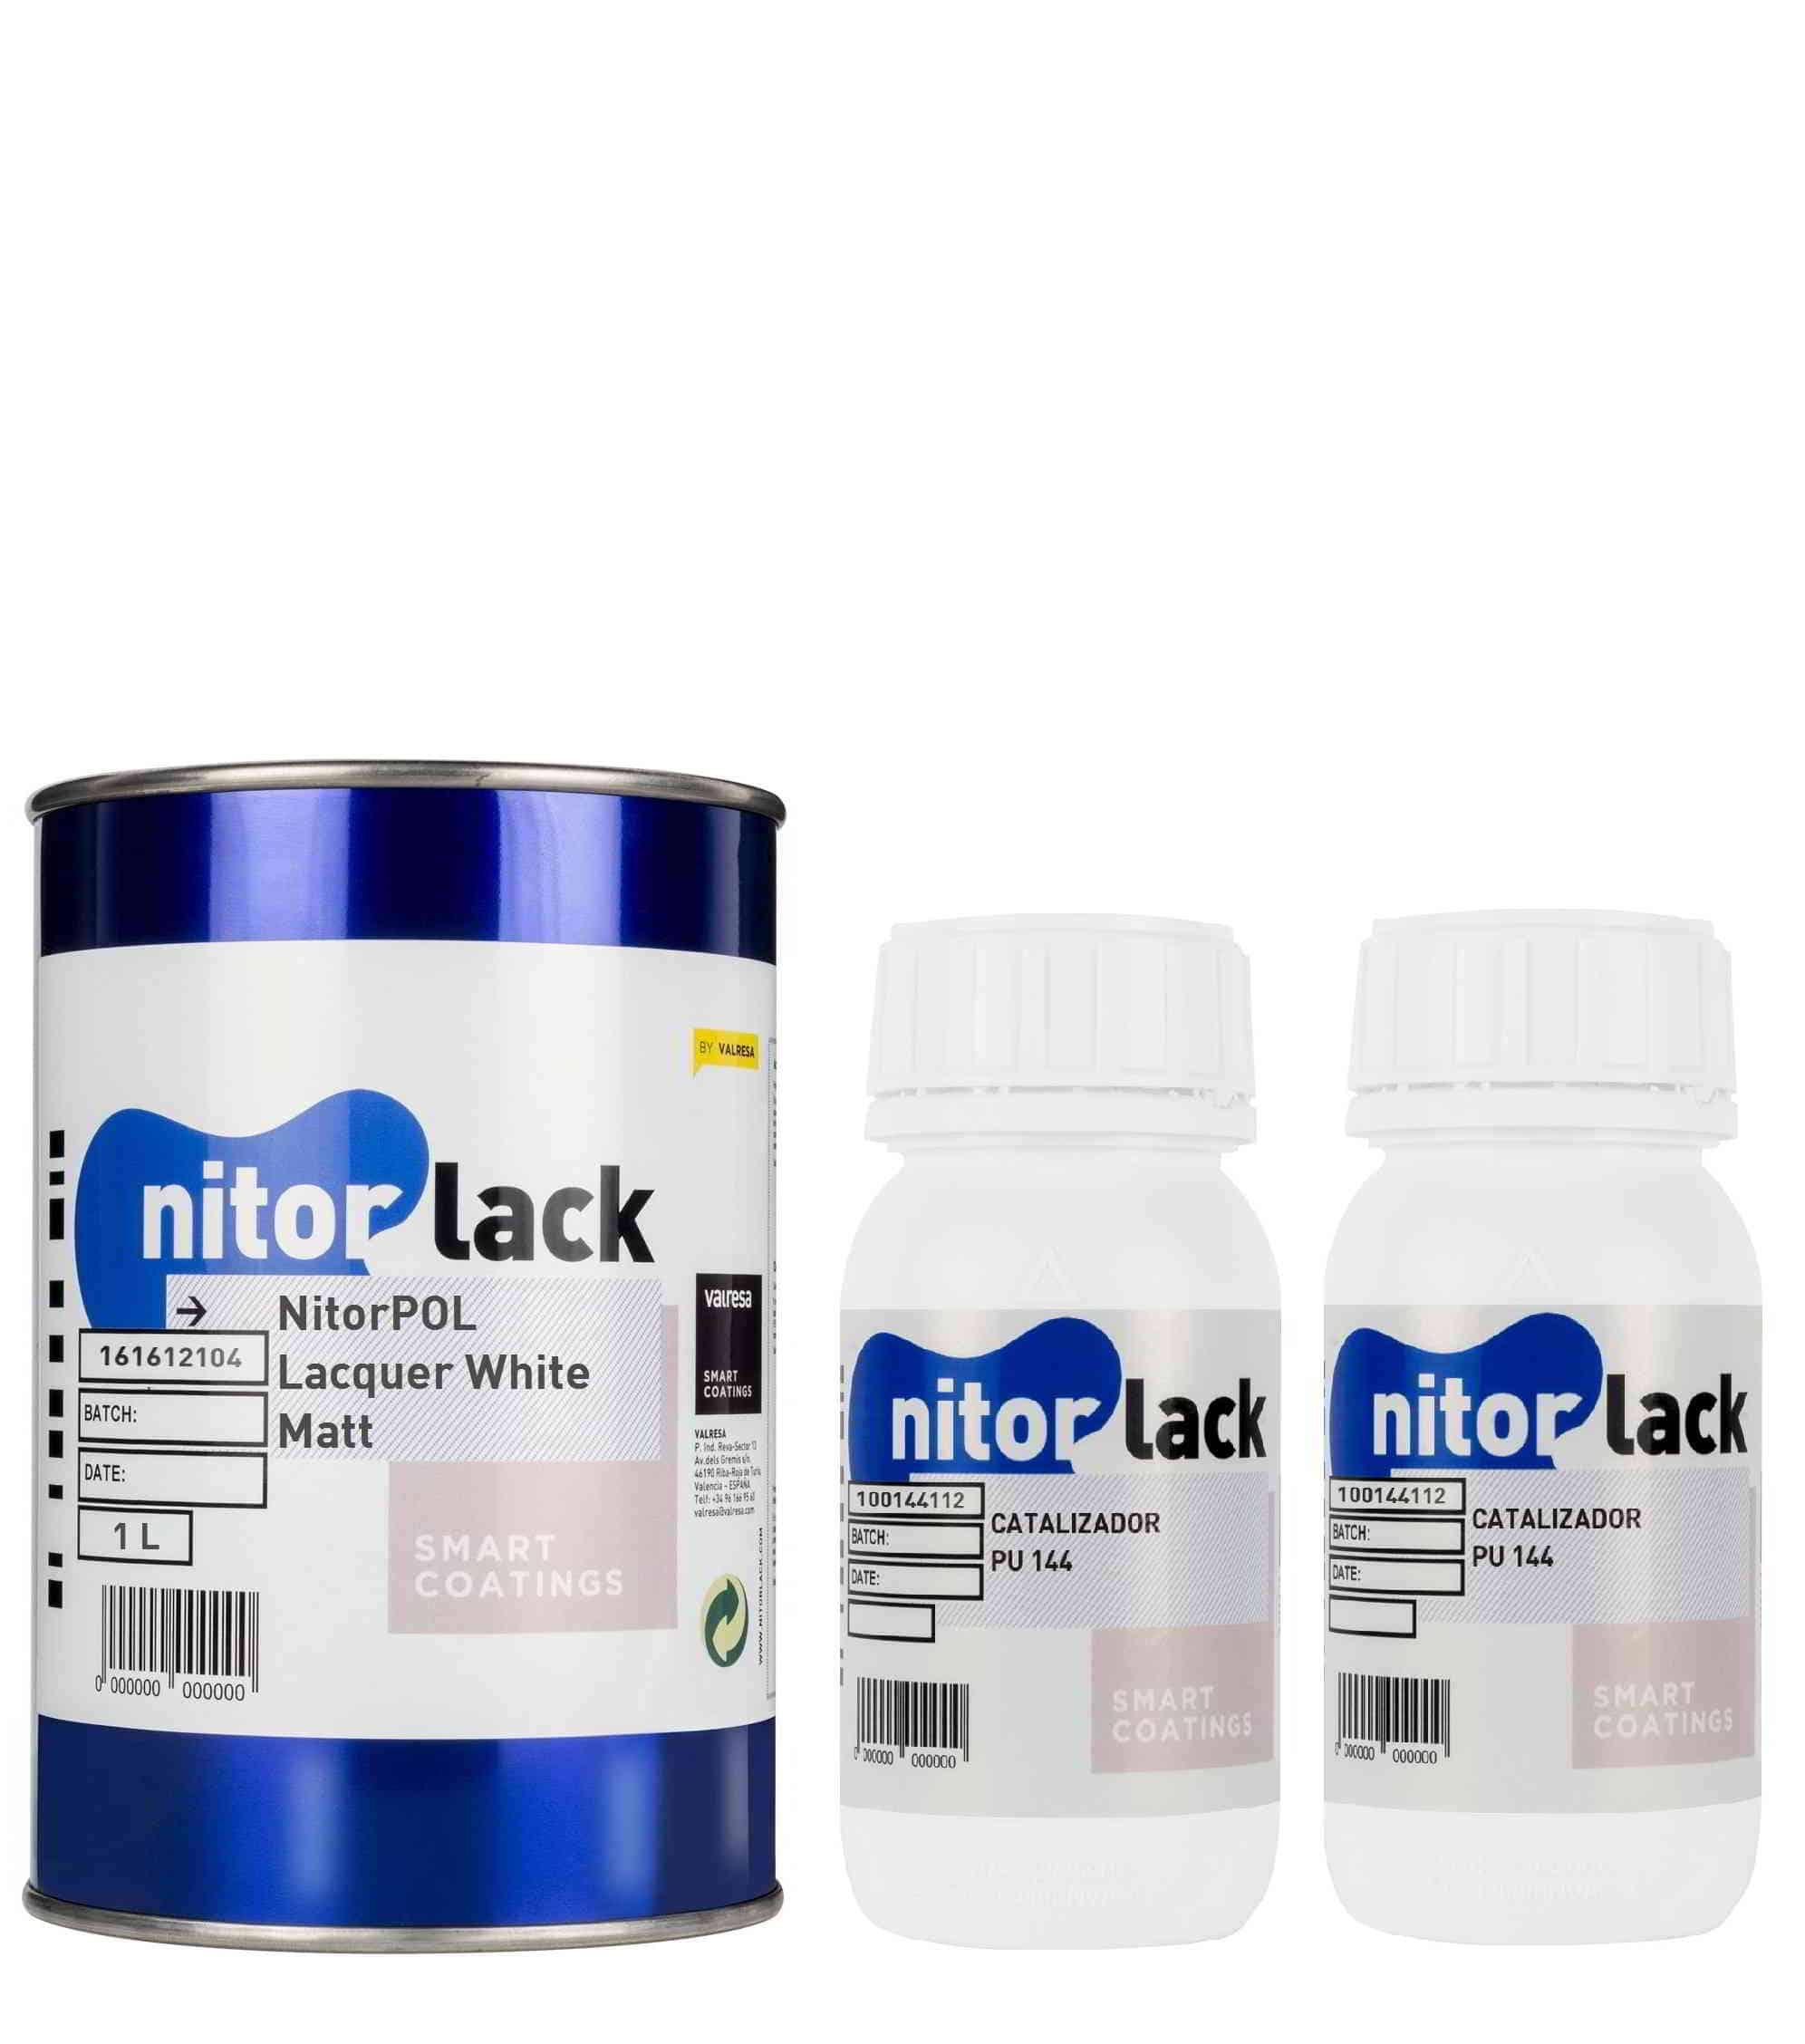 NitorPOL LACQUER WHITE MATT